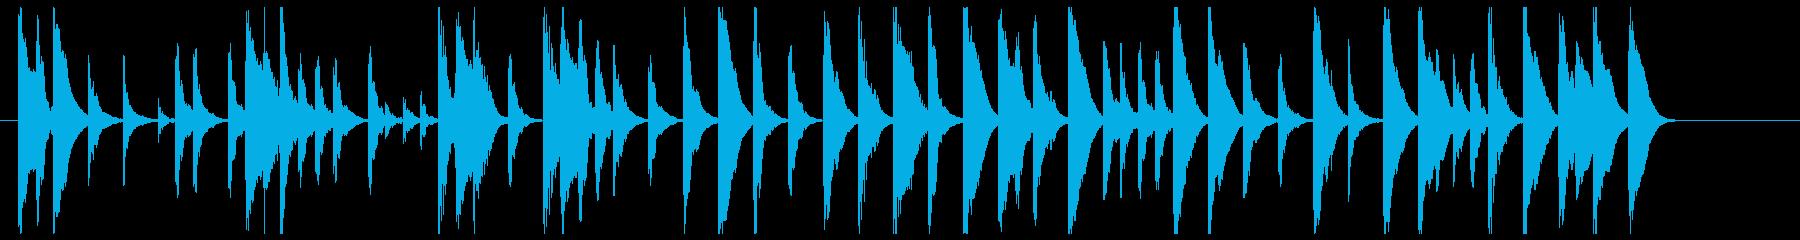 童話のような木琴のワルツの再生済みの波形